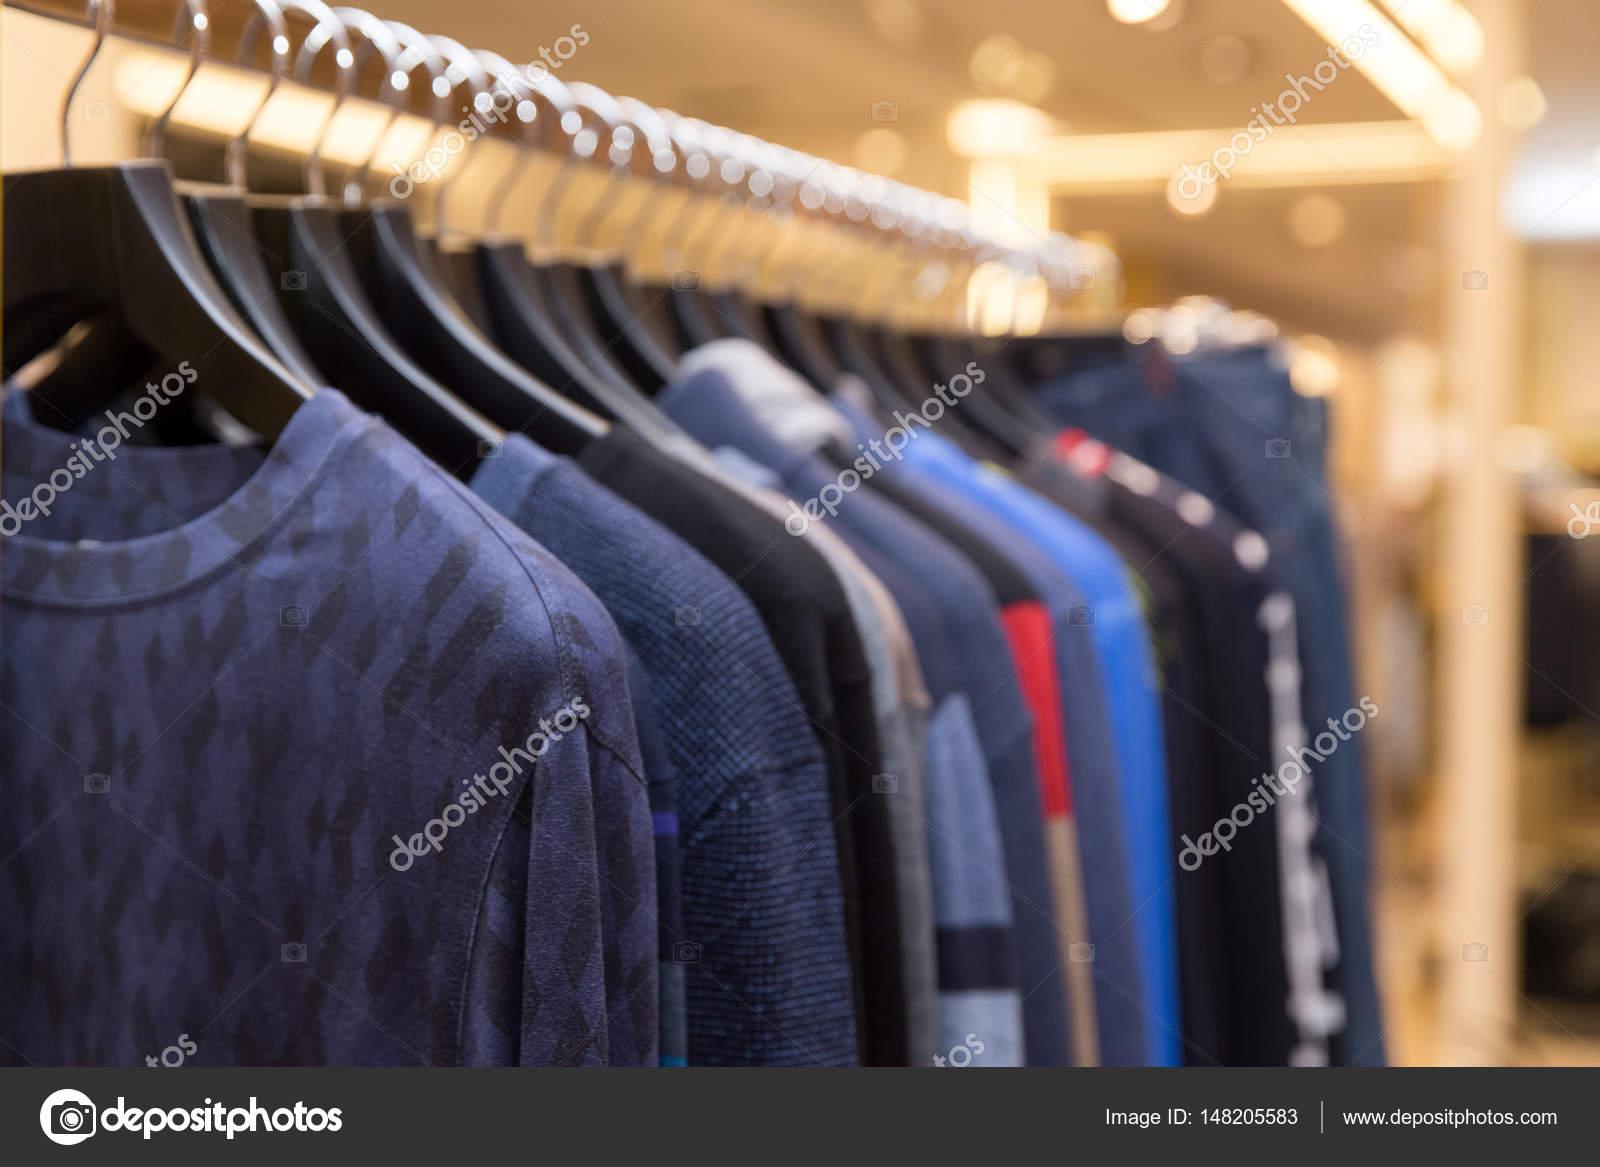 13694488502ed Erkek kazak ve gömlek askıları bir perakende giyim mağaza üzerinde farklı  renklerde. Kış sonbahar sezonu için güzel giysiler.